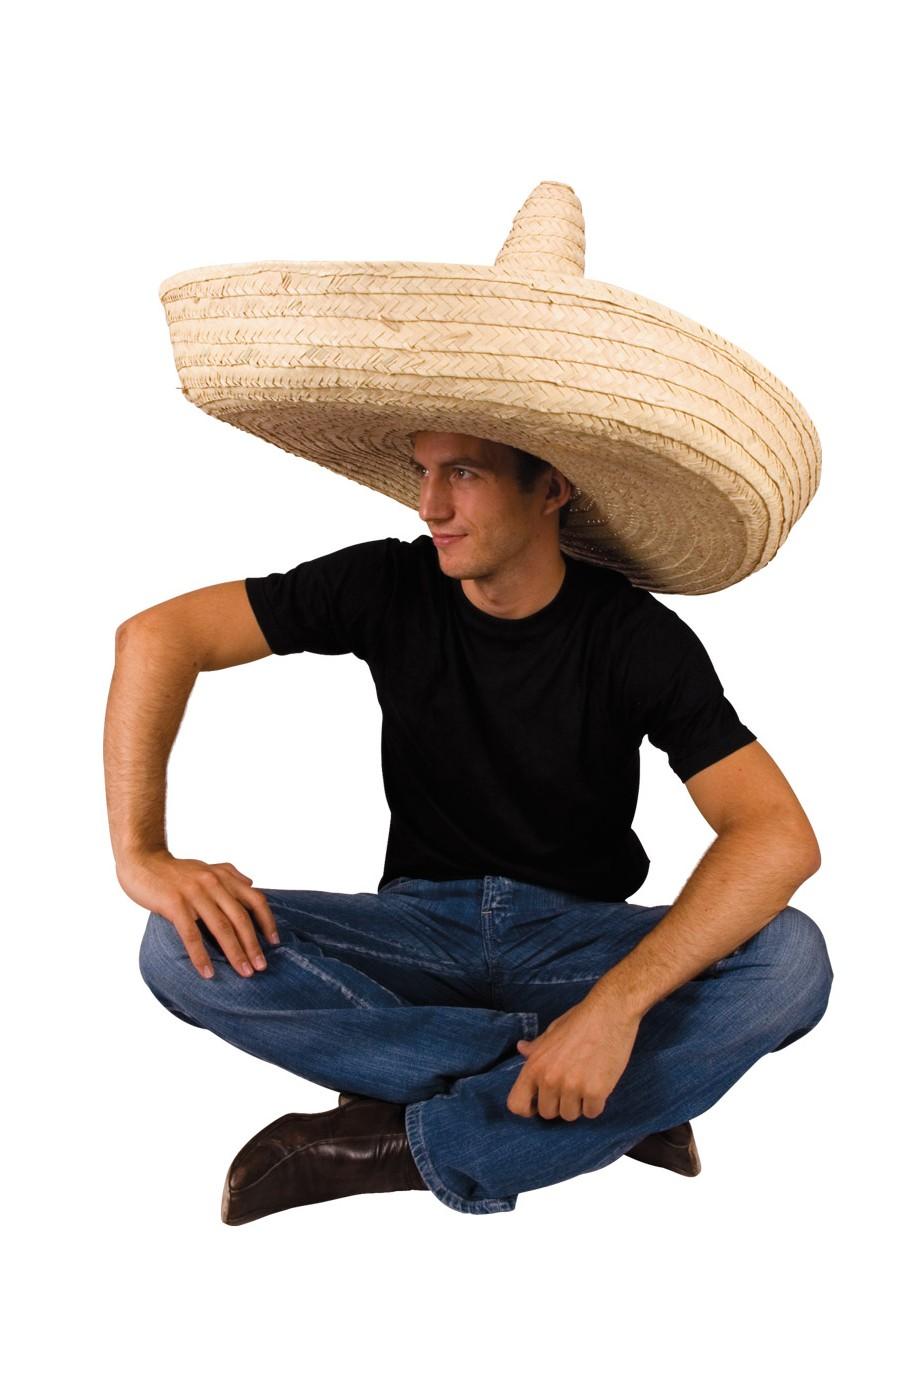 Sombrero messicano di carnevale in paglia diam.ben 100 cm color ecru 9fdfda812828